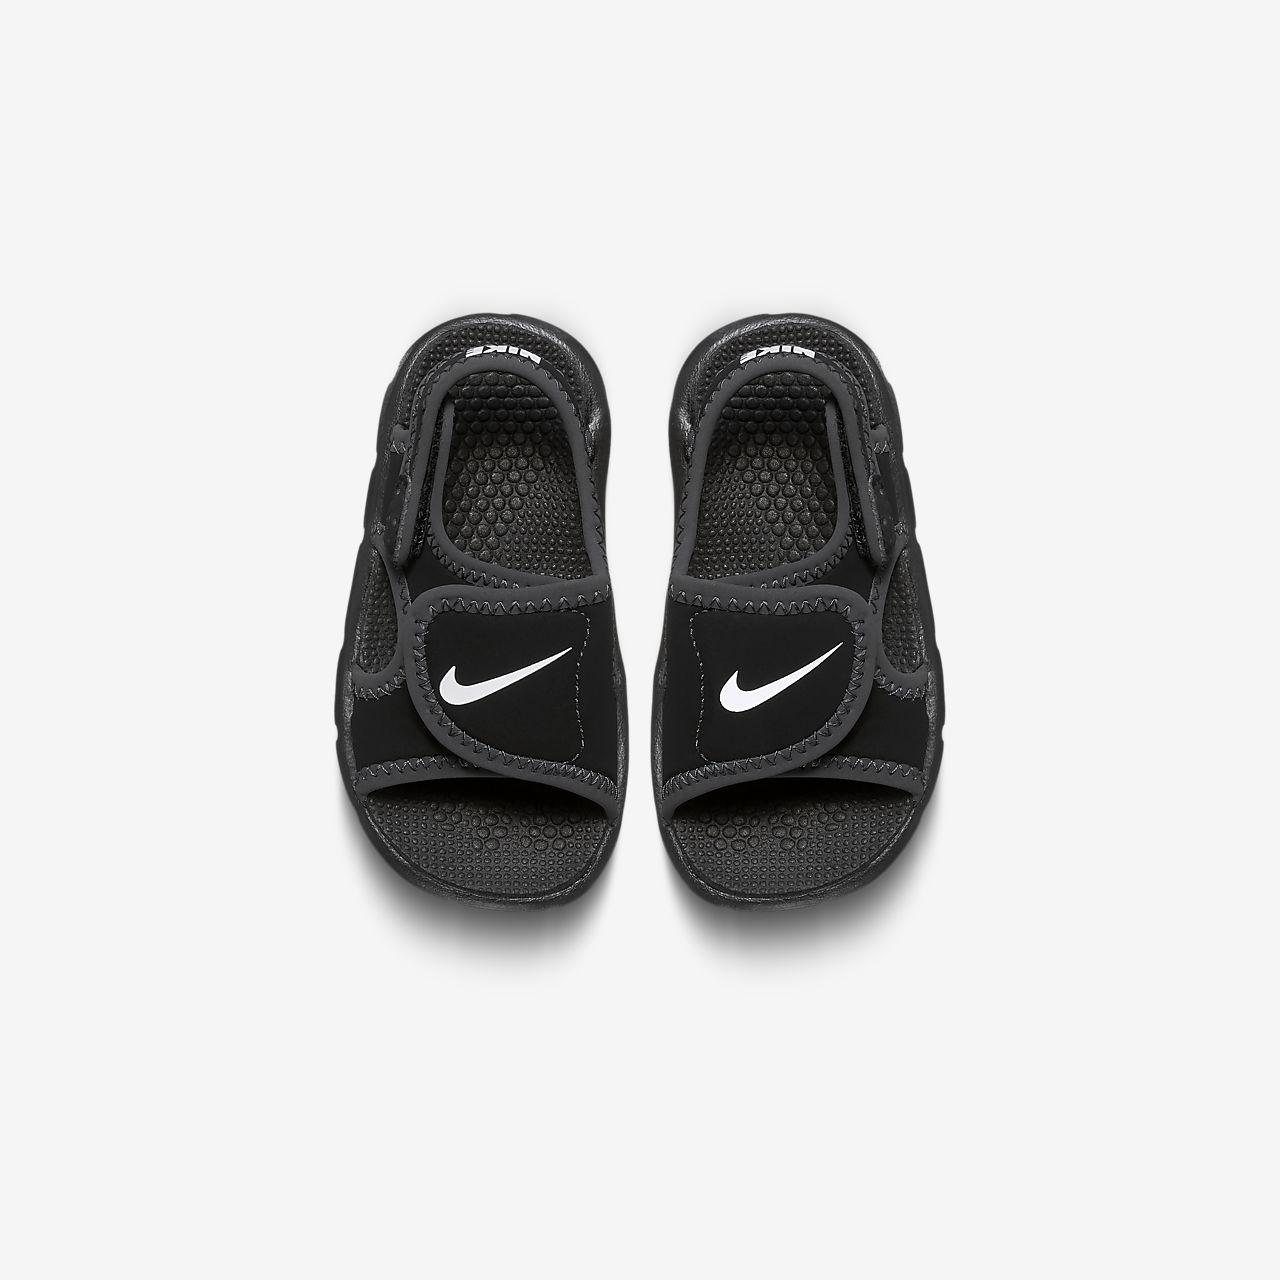 Nike Sunray Adjust 4 Sandale für jüngere/ältere Kinder - Blau g8vZBp3